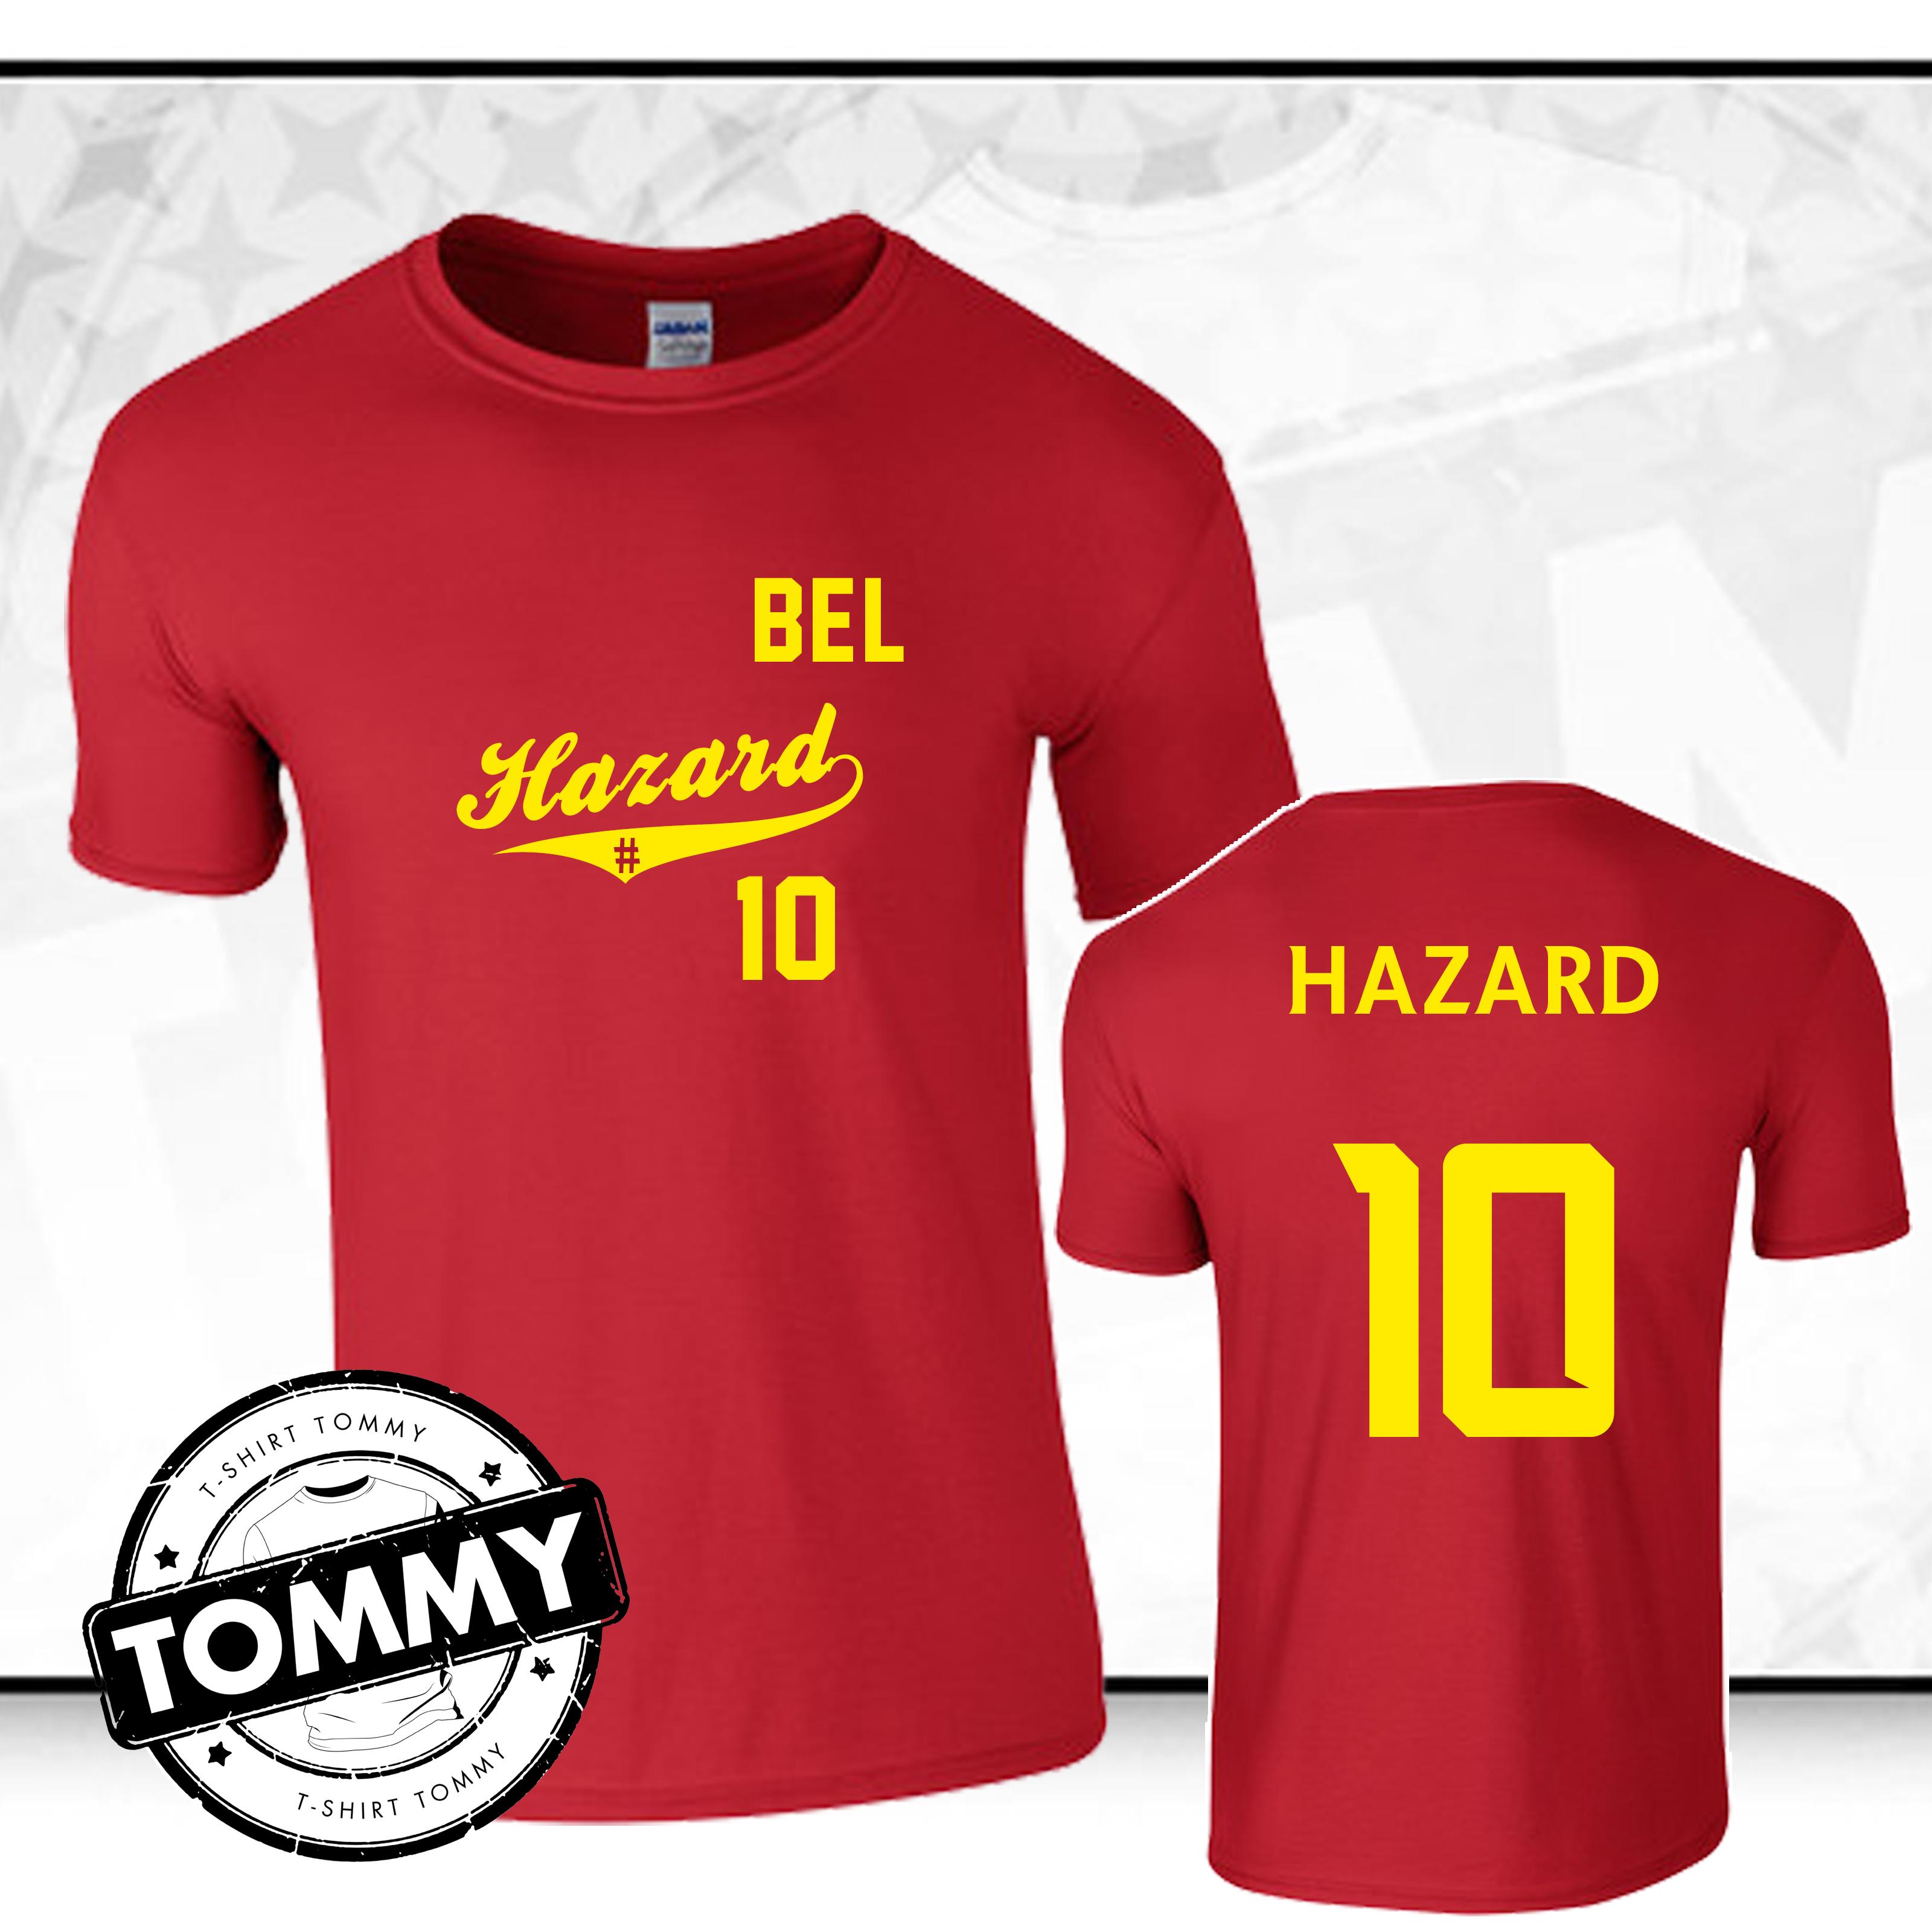 finest selection a8797 e8aab Details about Hazard #10 Belgium T-Shirt, Belgium World Cup 2018 Fan  T-Shirt Shirt